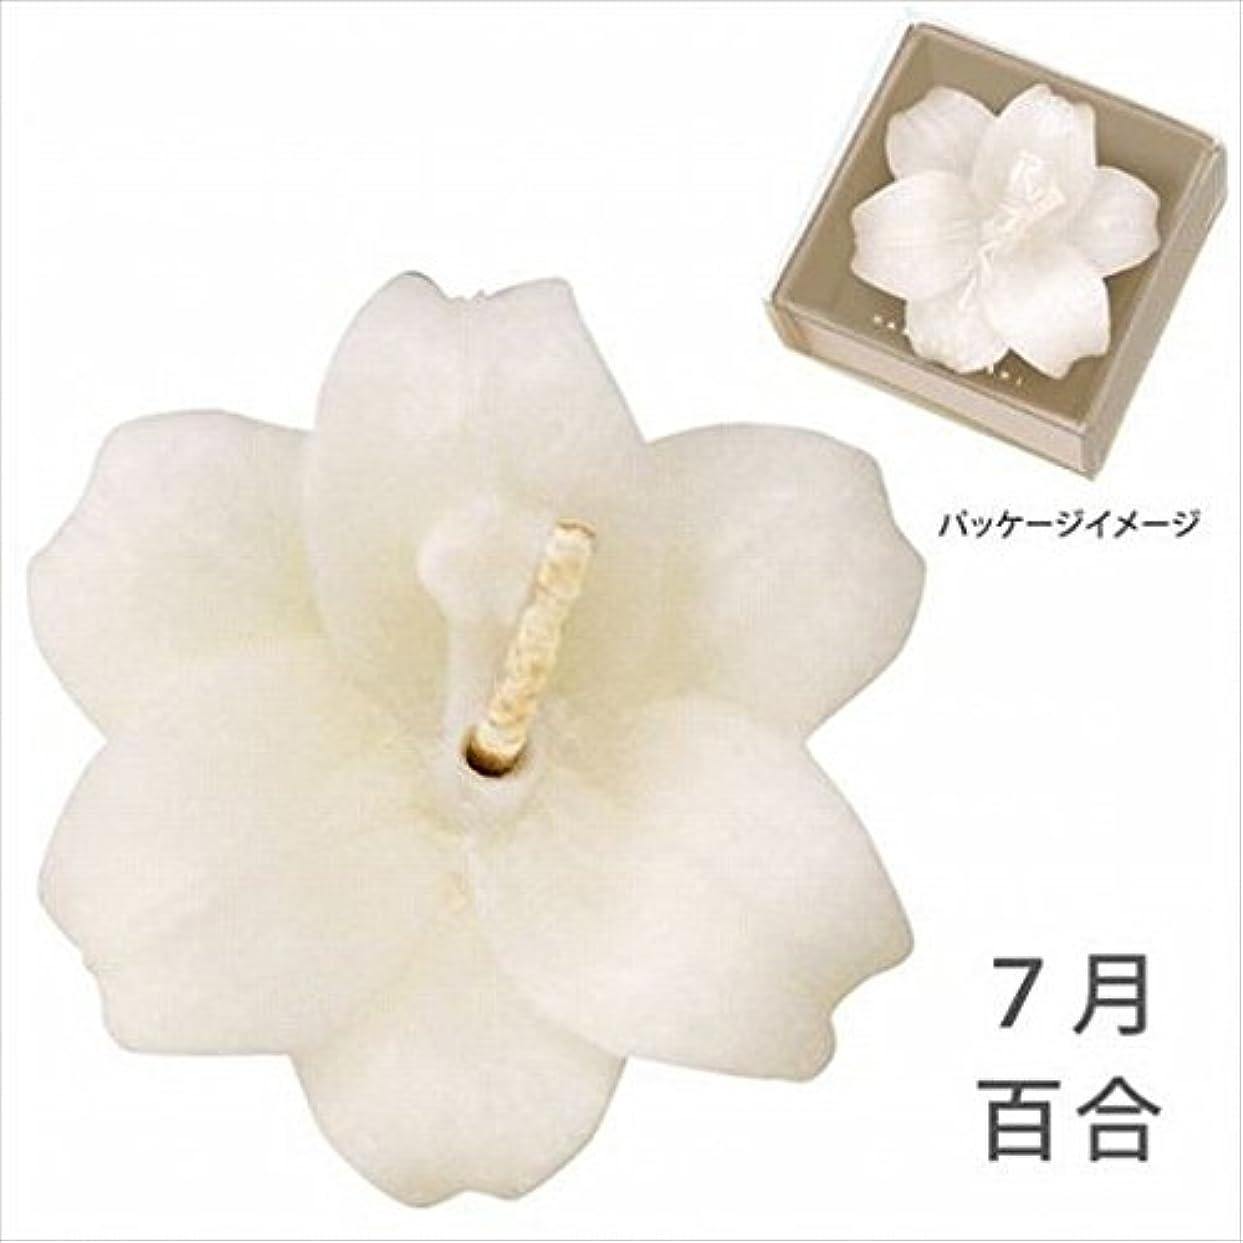 排除するミトン殺しますkameyama candle(カメヤマキャンドル) 花づくし(植物性) 百合 「 百合(7月) 」 キャンドル(A4620580)